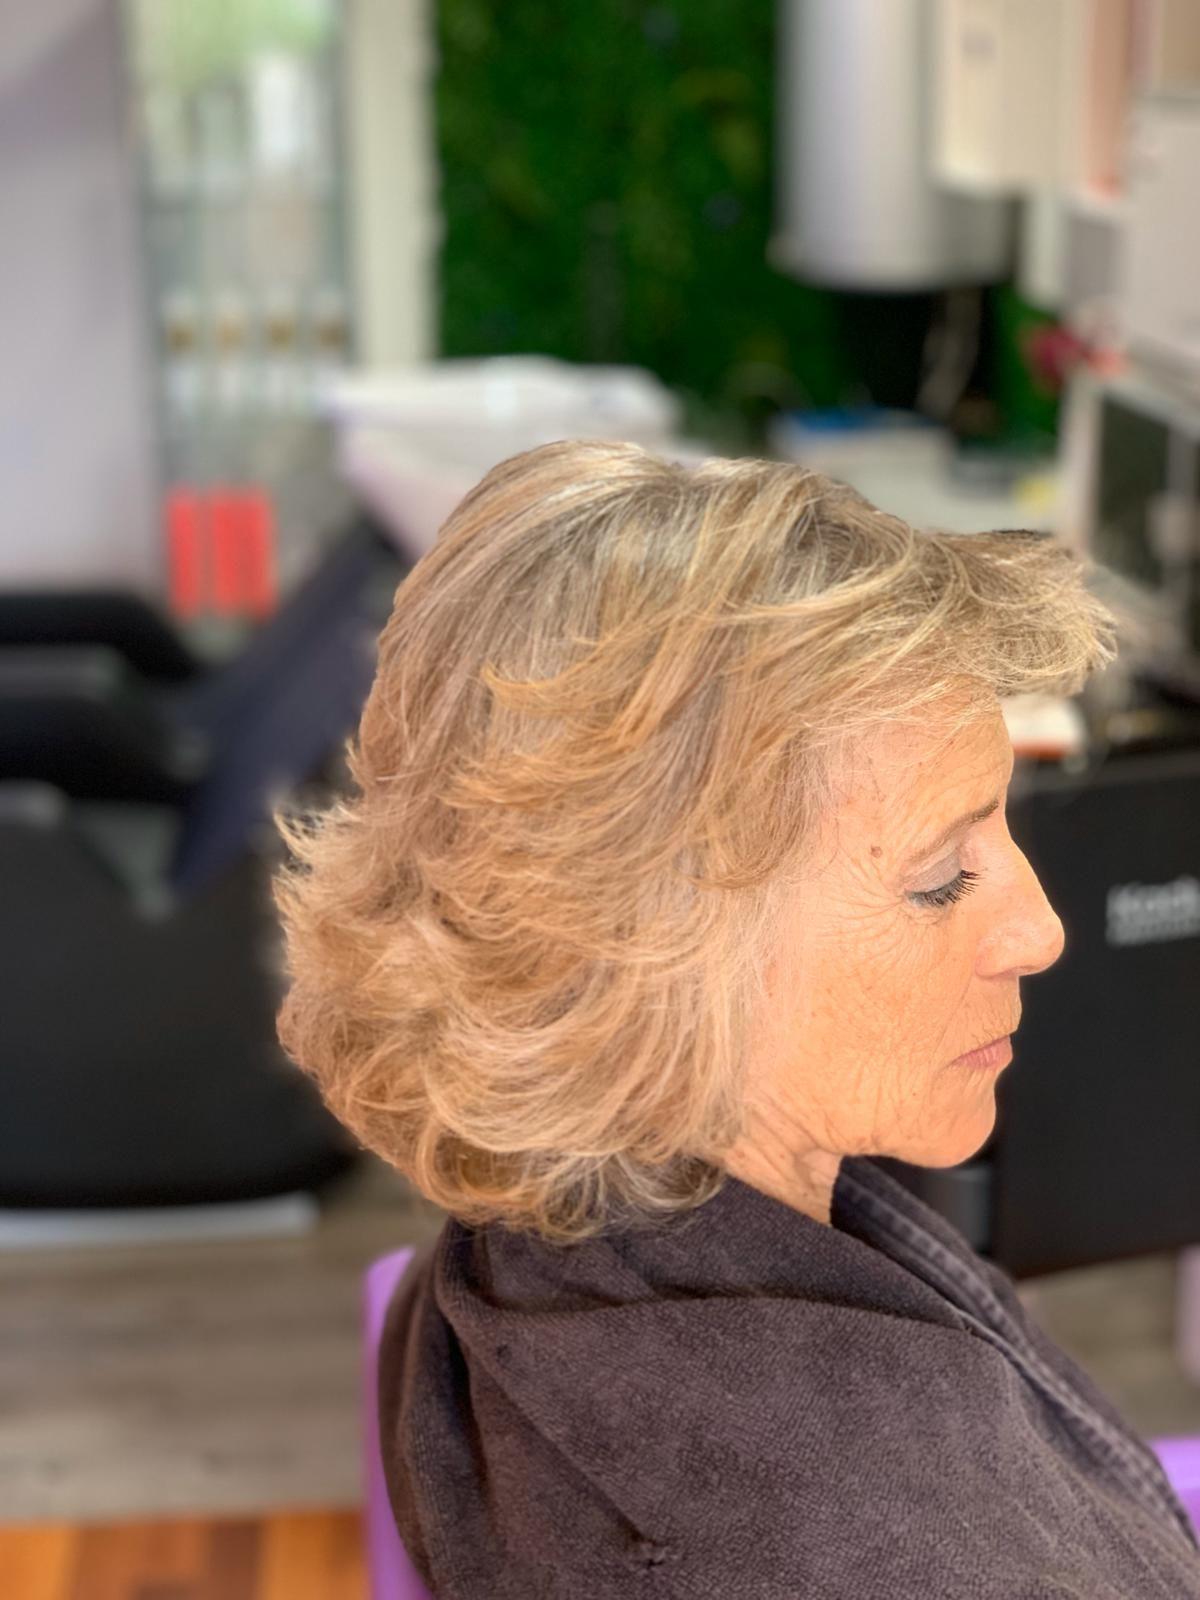 Foto 13 de Hairdressers for men and women en    Kiko's Peluquería y Estética